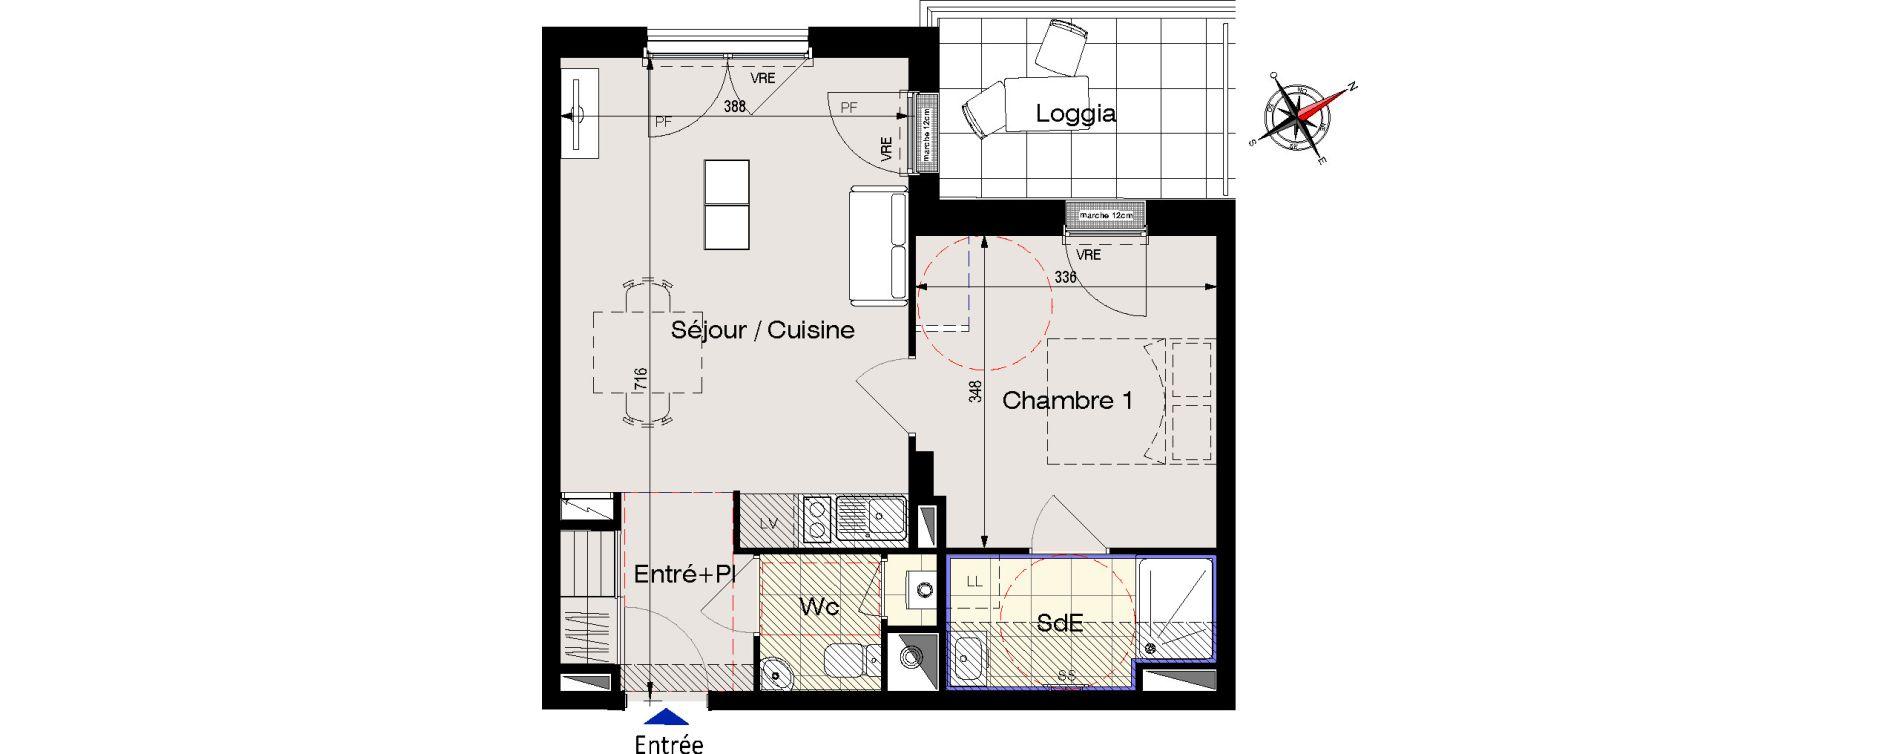 Appartement T2 de 42,34 m2 aux Sables-D'Olonne Olonne-sur-mer